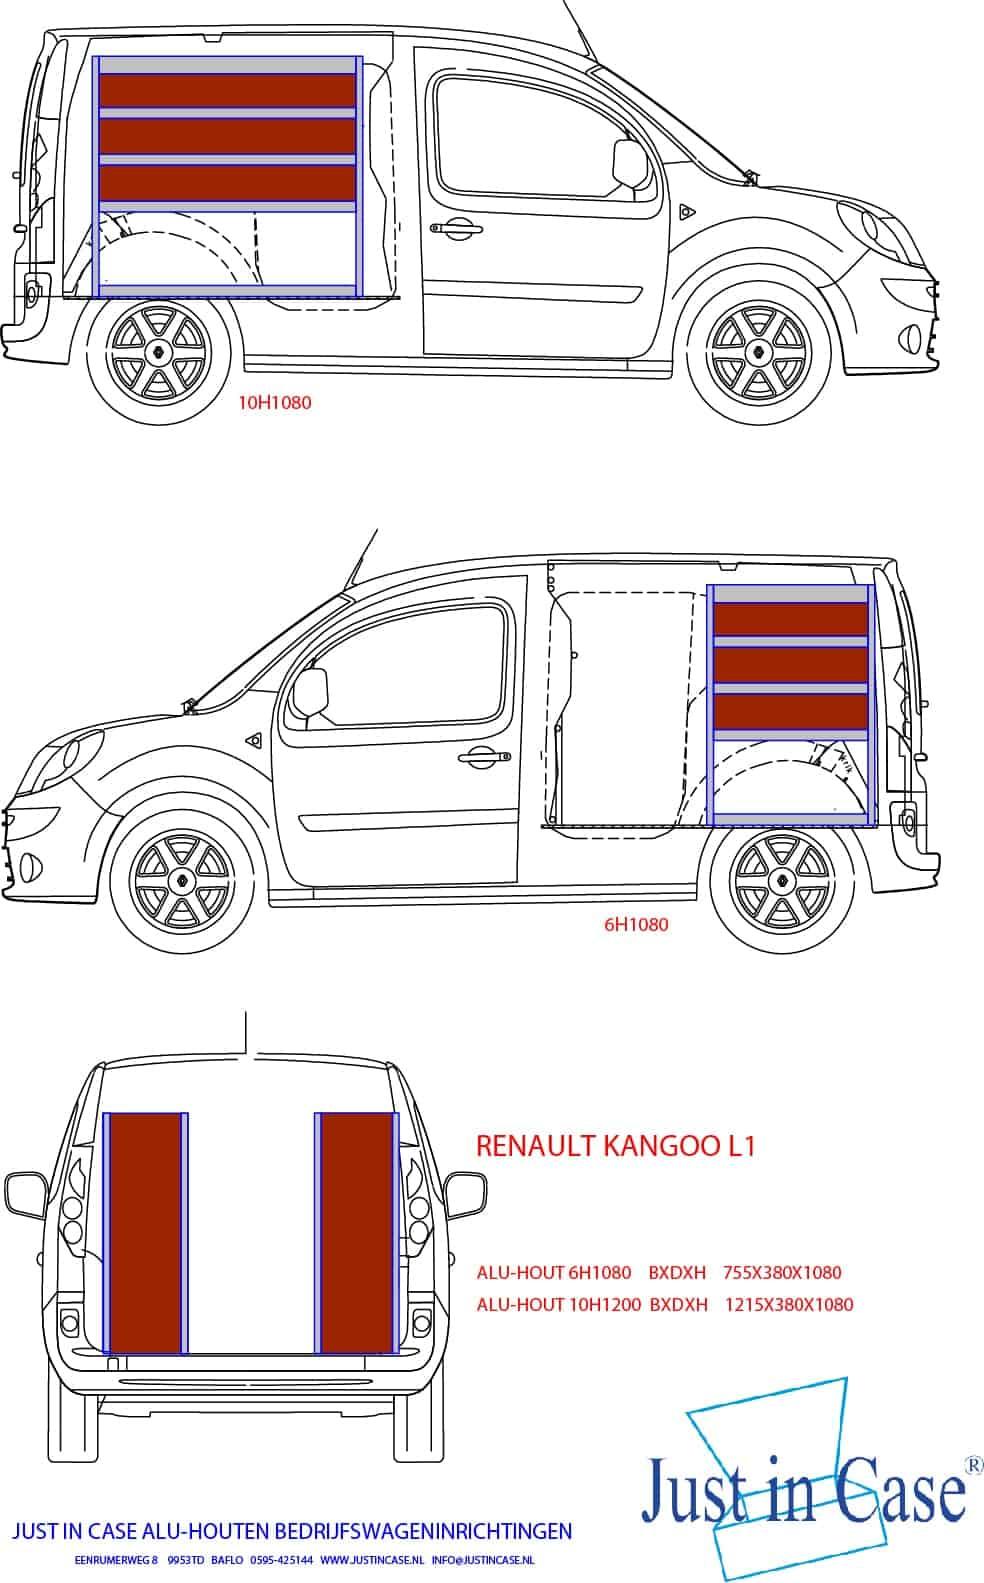 Renault Kangoo (L1) schets bedrijfswageninrichting